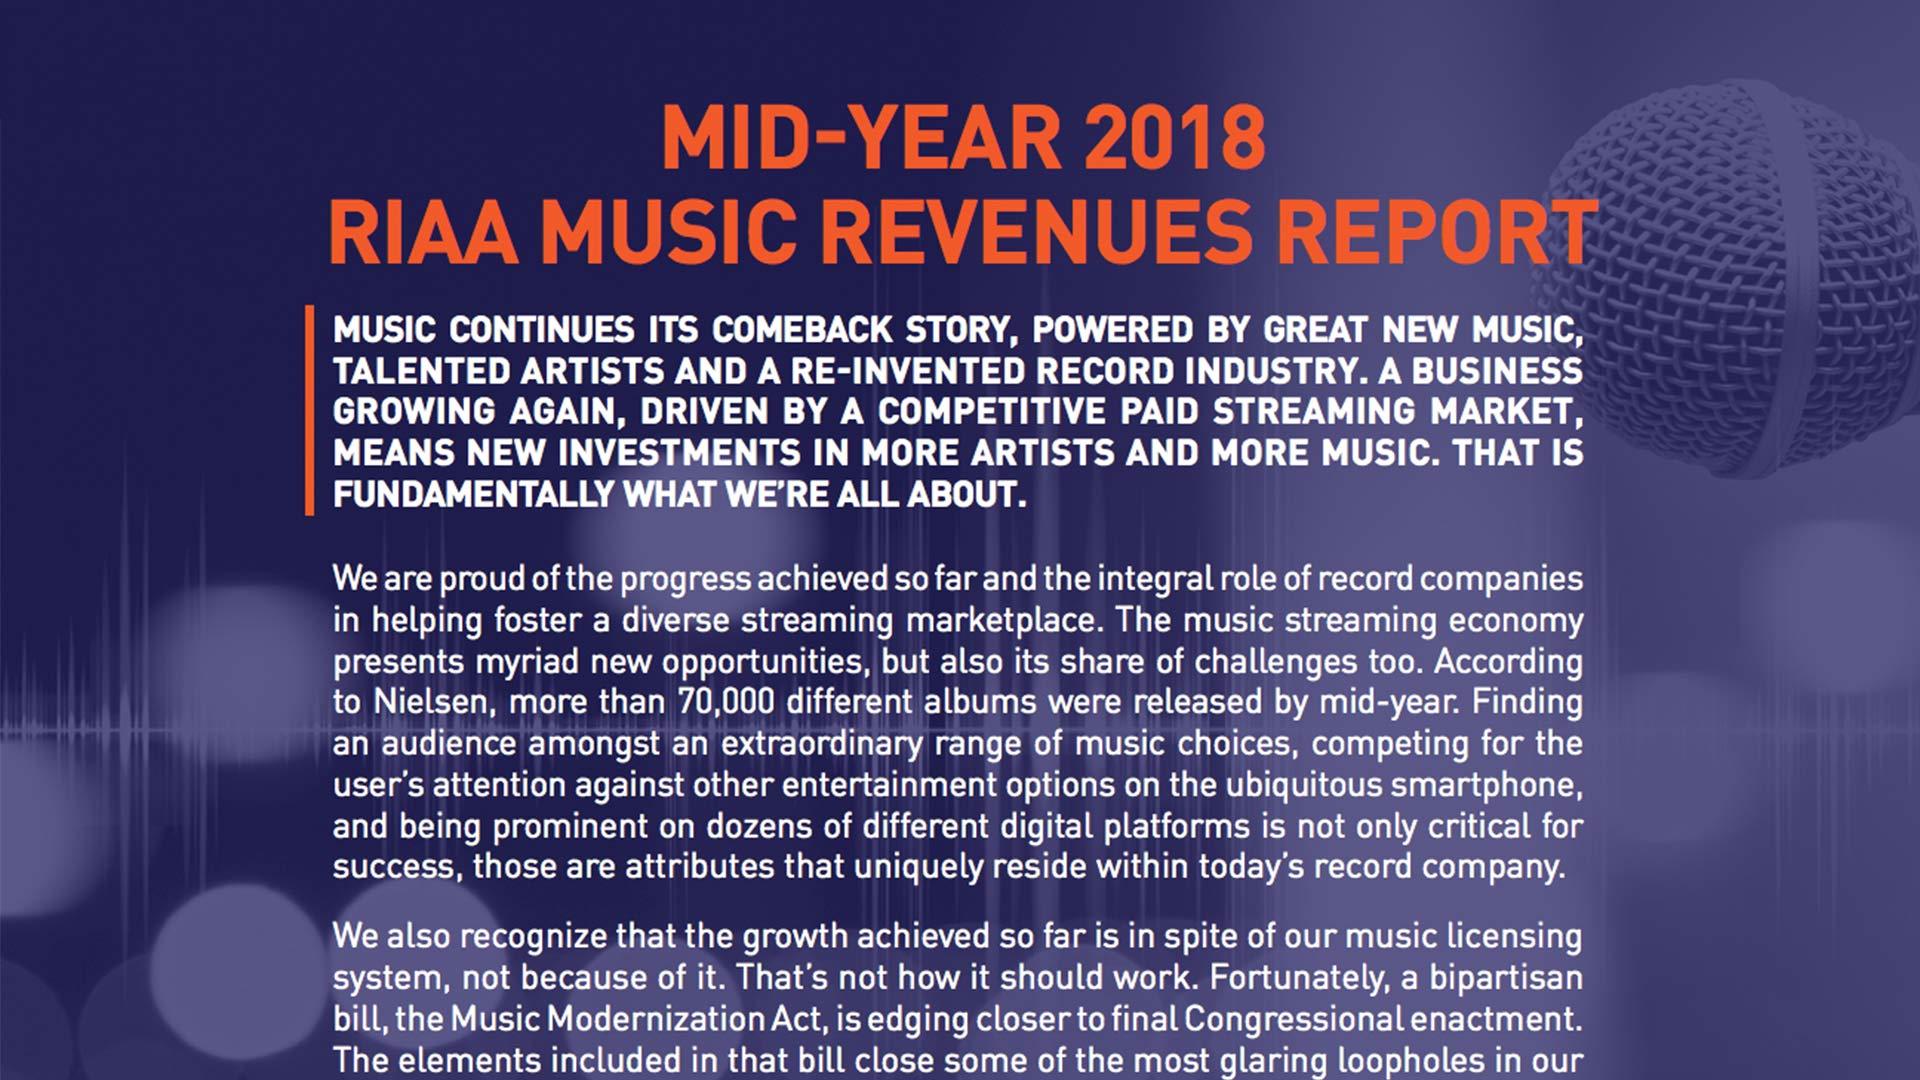 Fairness Rocks News MID-YEAR 2018 RIAA MUSIC REVENUES REPORT